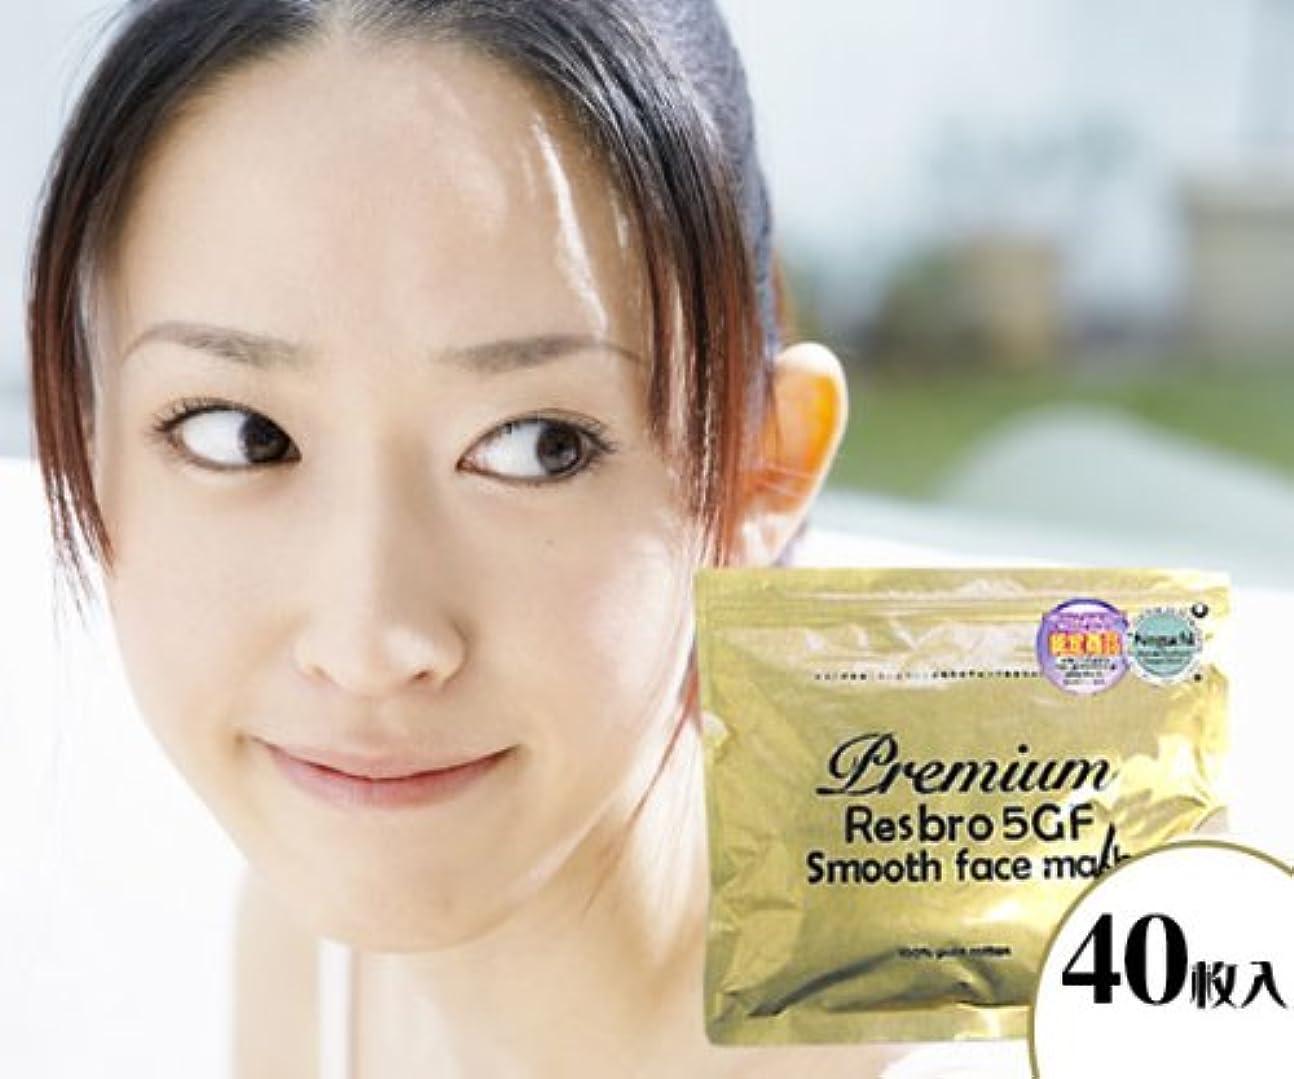 安心させる交換落花生レスブロ5GFスムースフェイスマスク 40枚入り (こちらの商品の内訳は『40点』のみ)